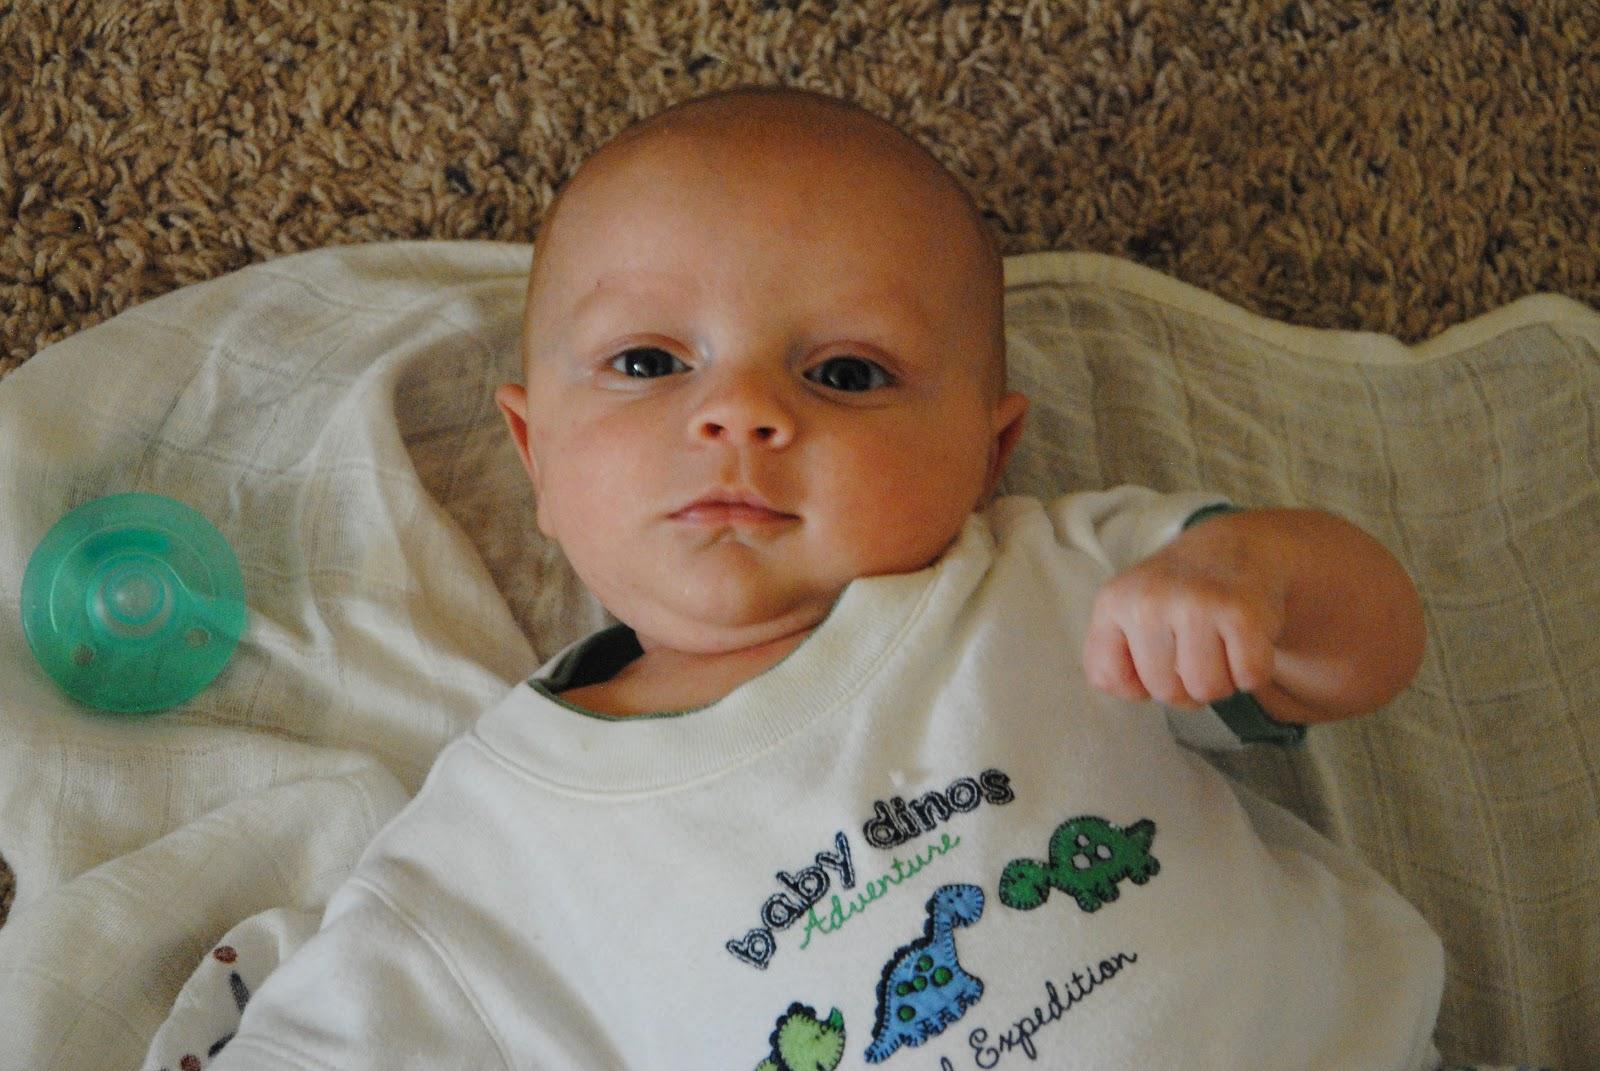 Фото дома 4 месяца ребенку